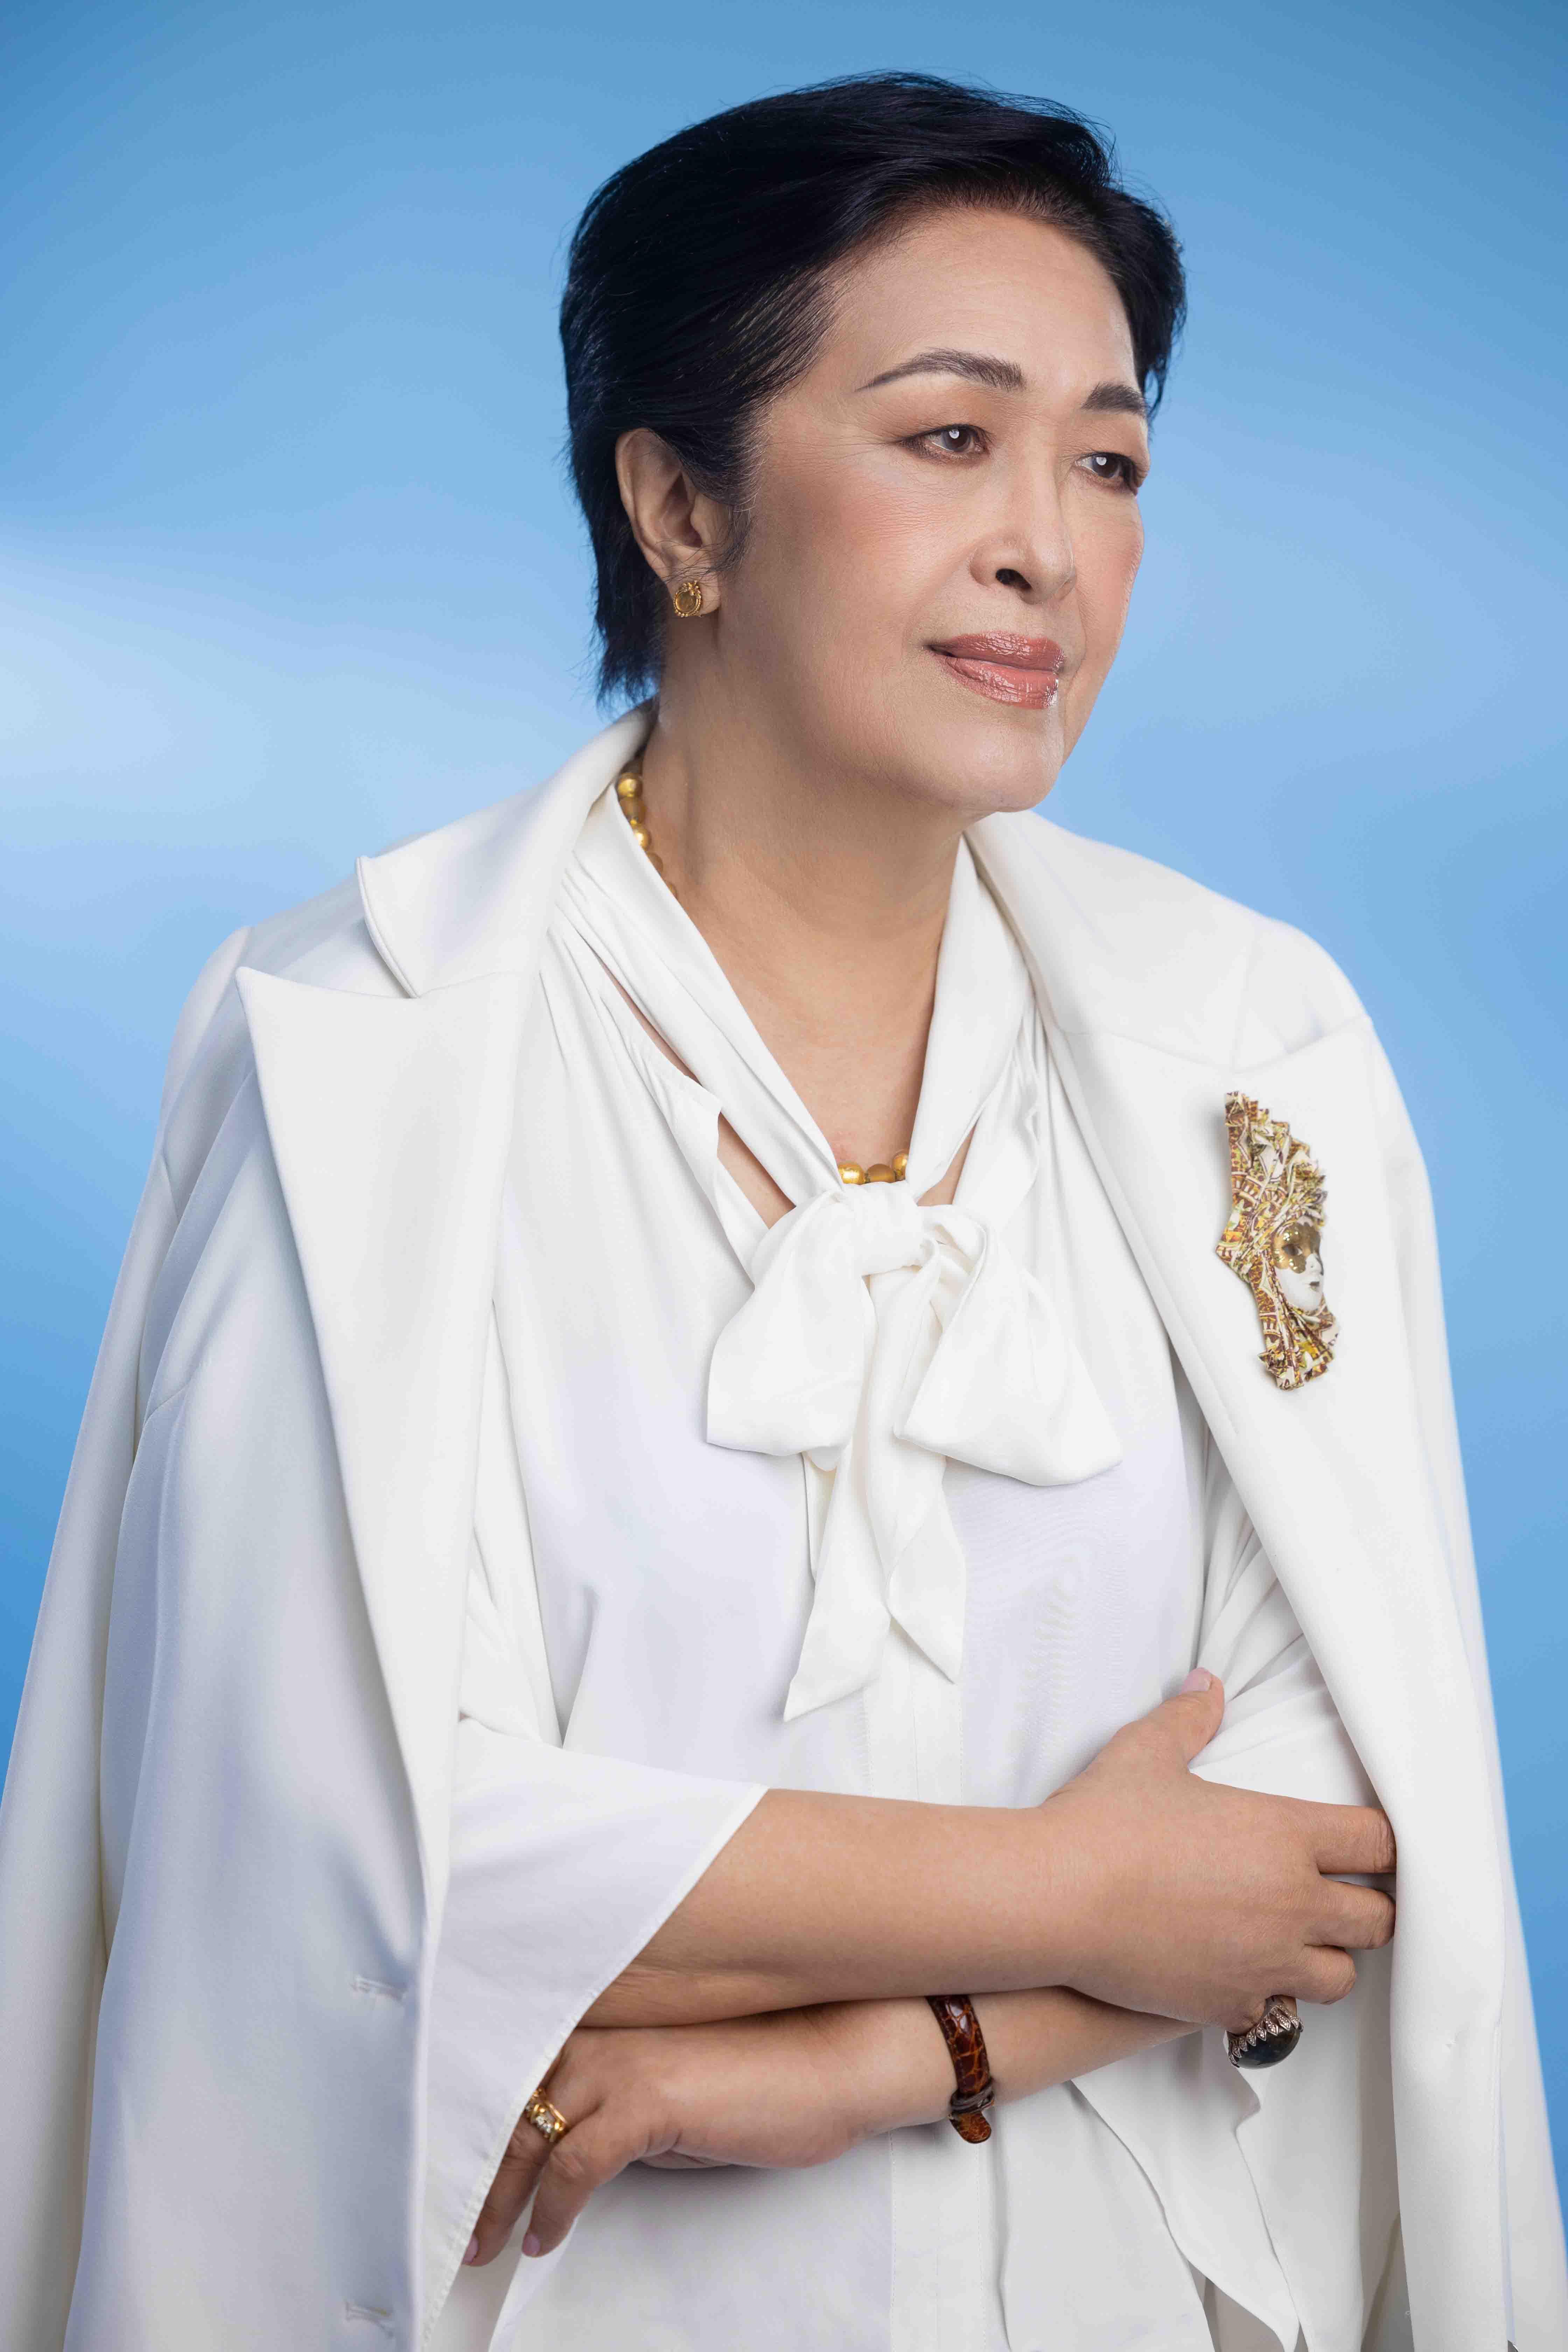 Tôn Nữ Thị Ninh sức mạnh giáo dục